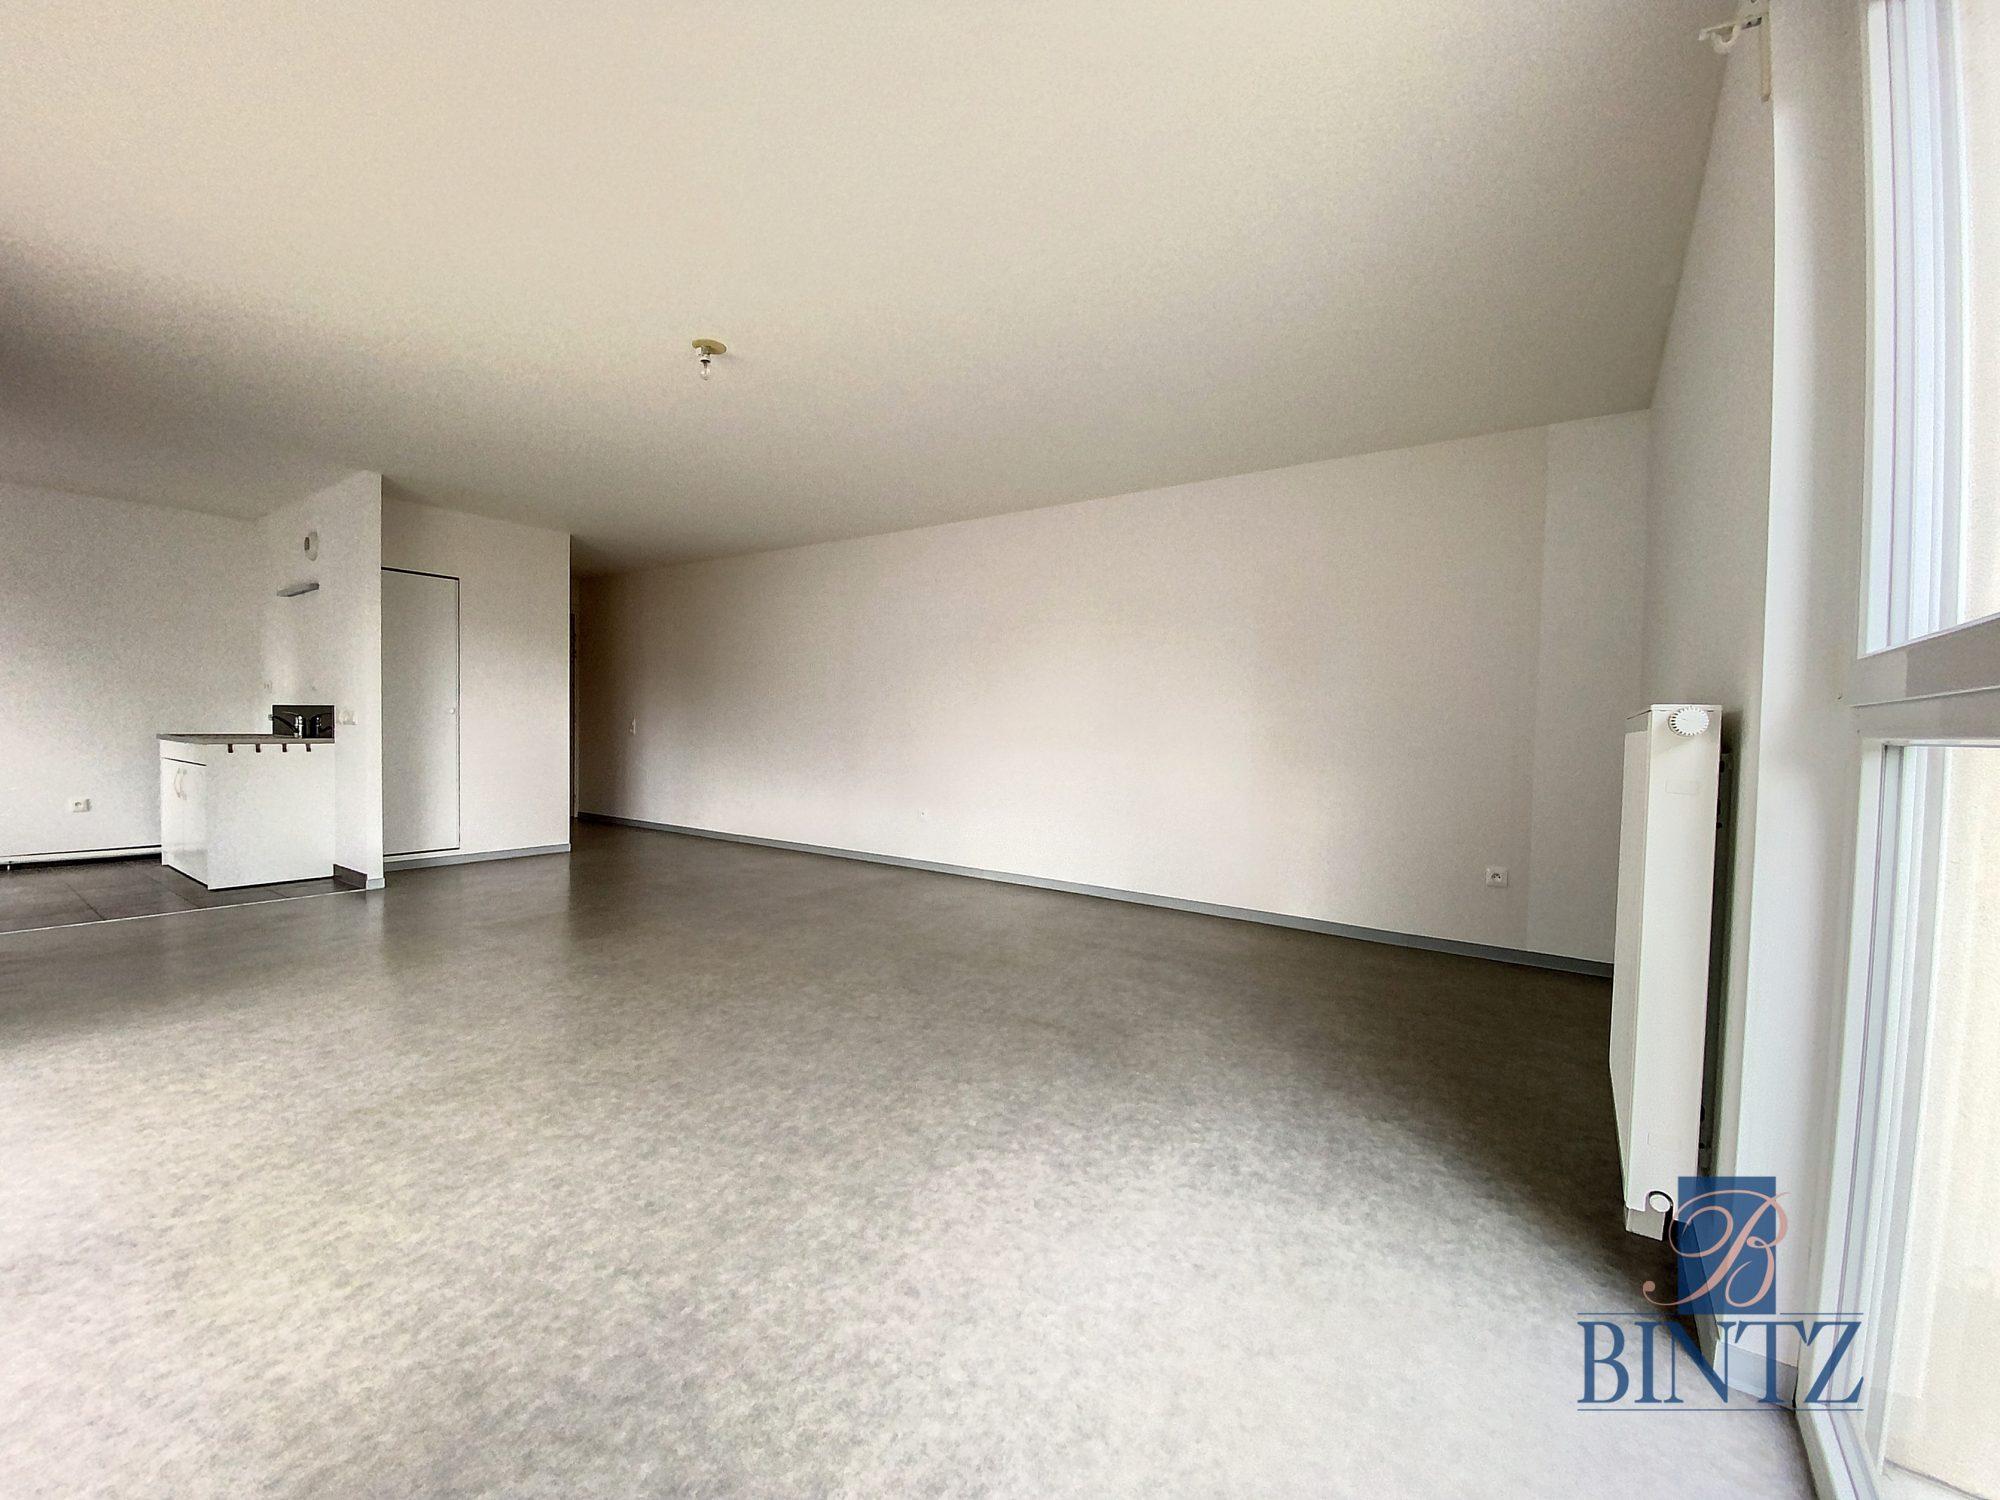 3 PIECES NEUF AVEC TERRASSE À SCHILTIGHEIM - Devenez propriétaire en toute confiance - Bintz Immobilier - 4